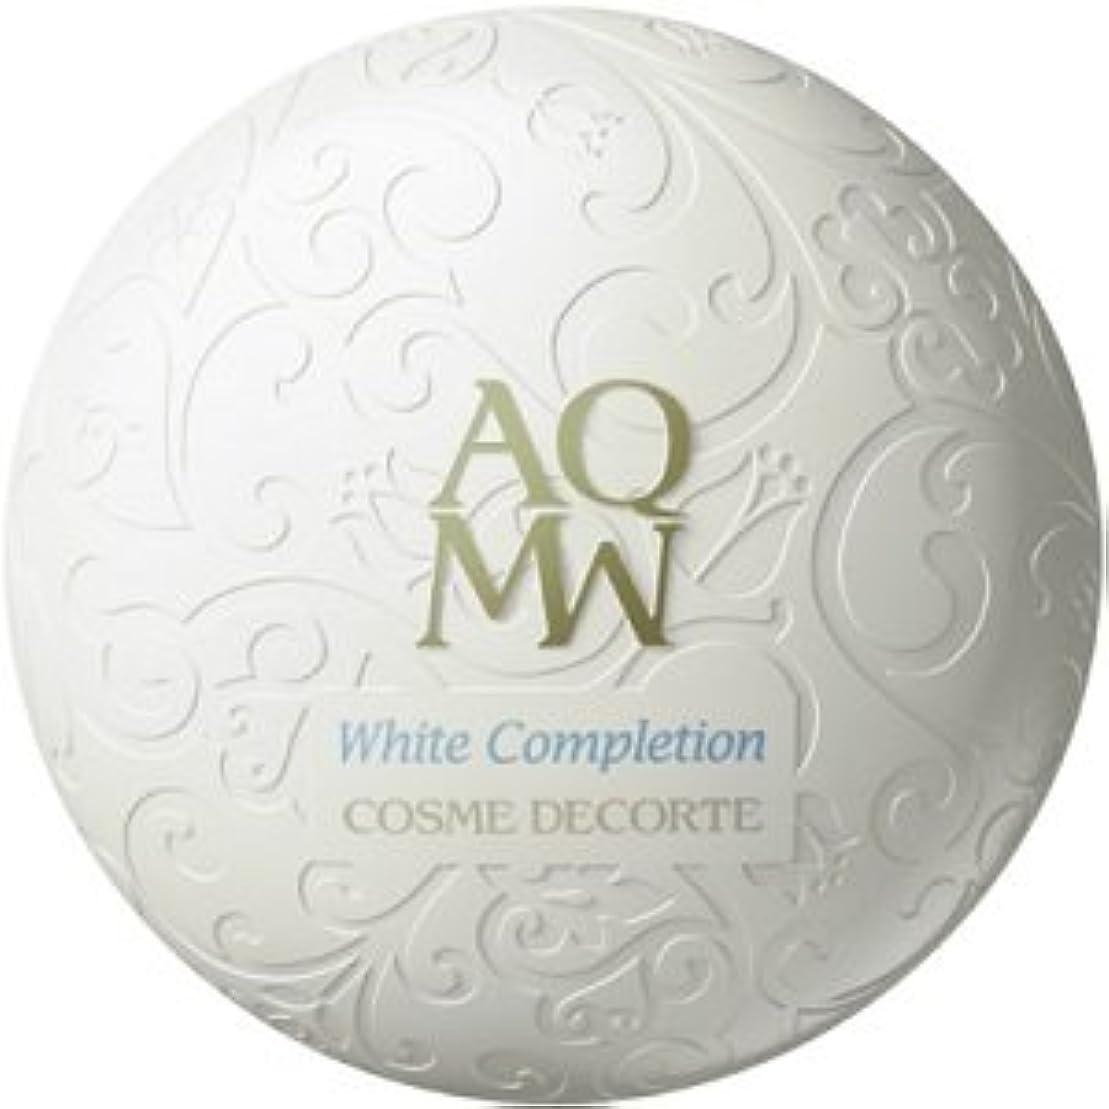 力ハグ肯定的コスメデコルテ AQMW ホワイトコンプリーション 25g